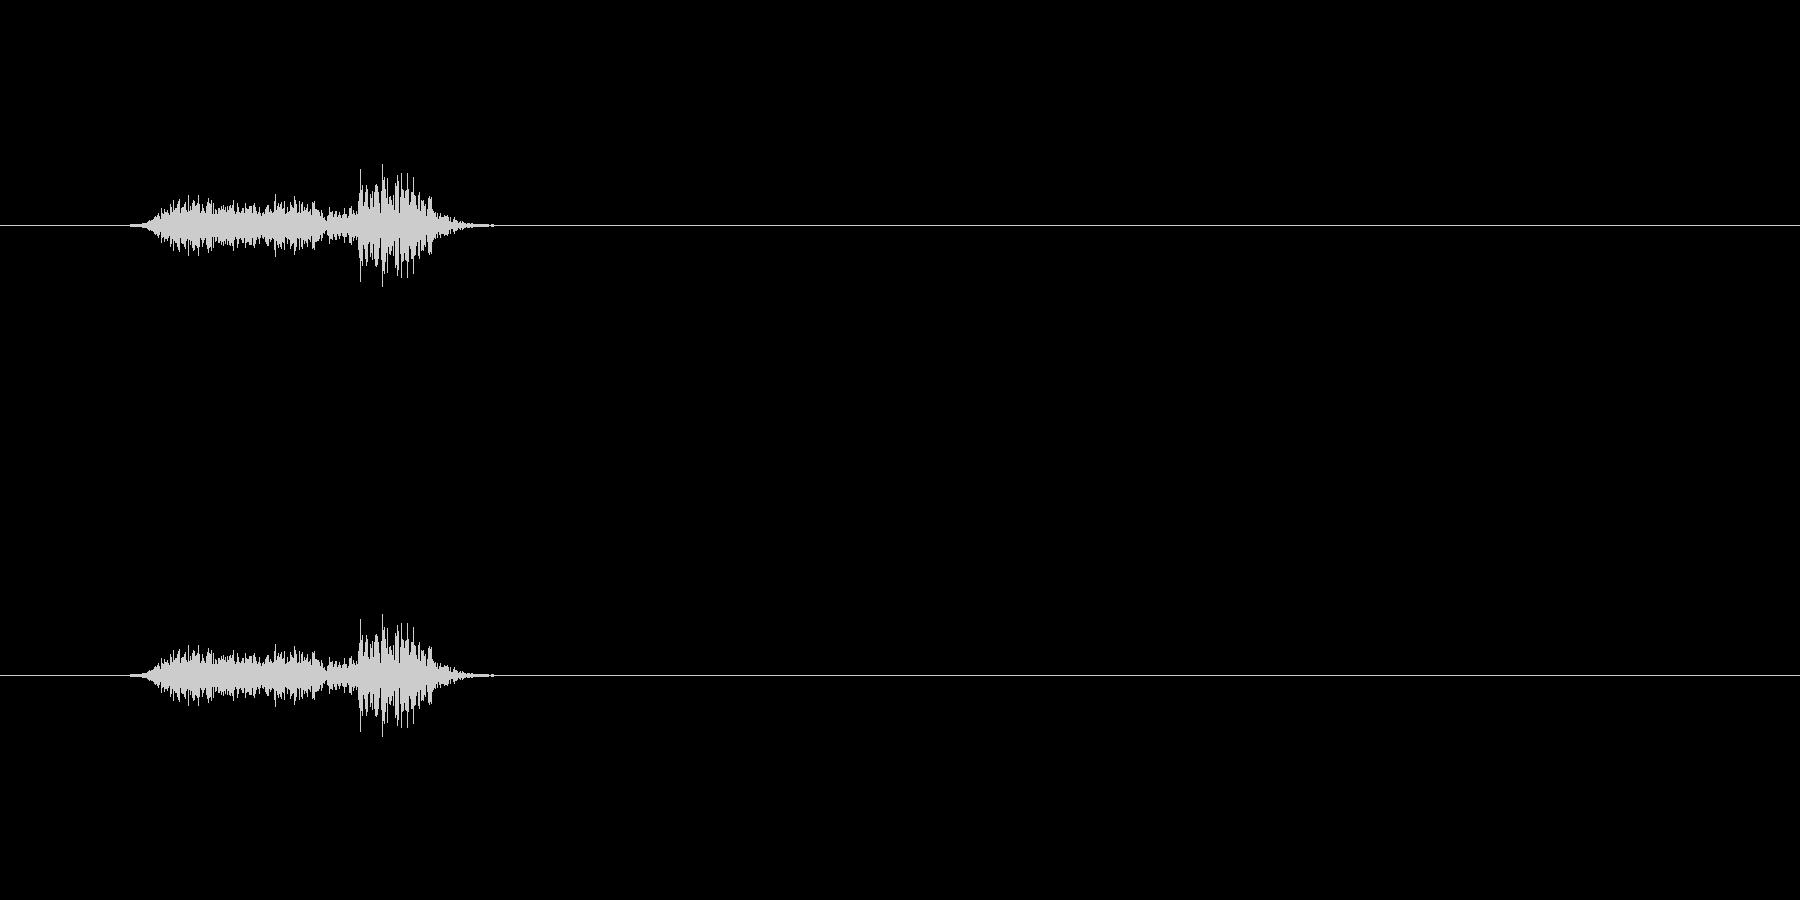 【ボールペン01-07(丸)】の未再生の波形